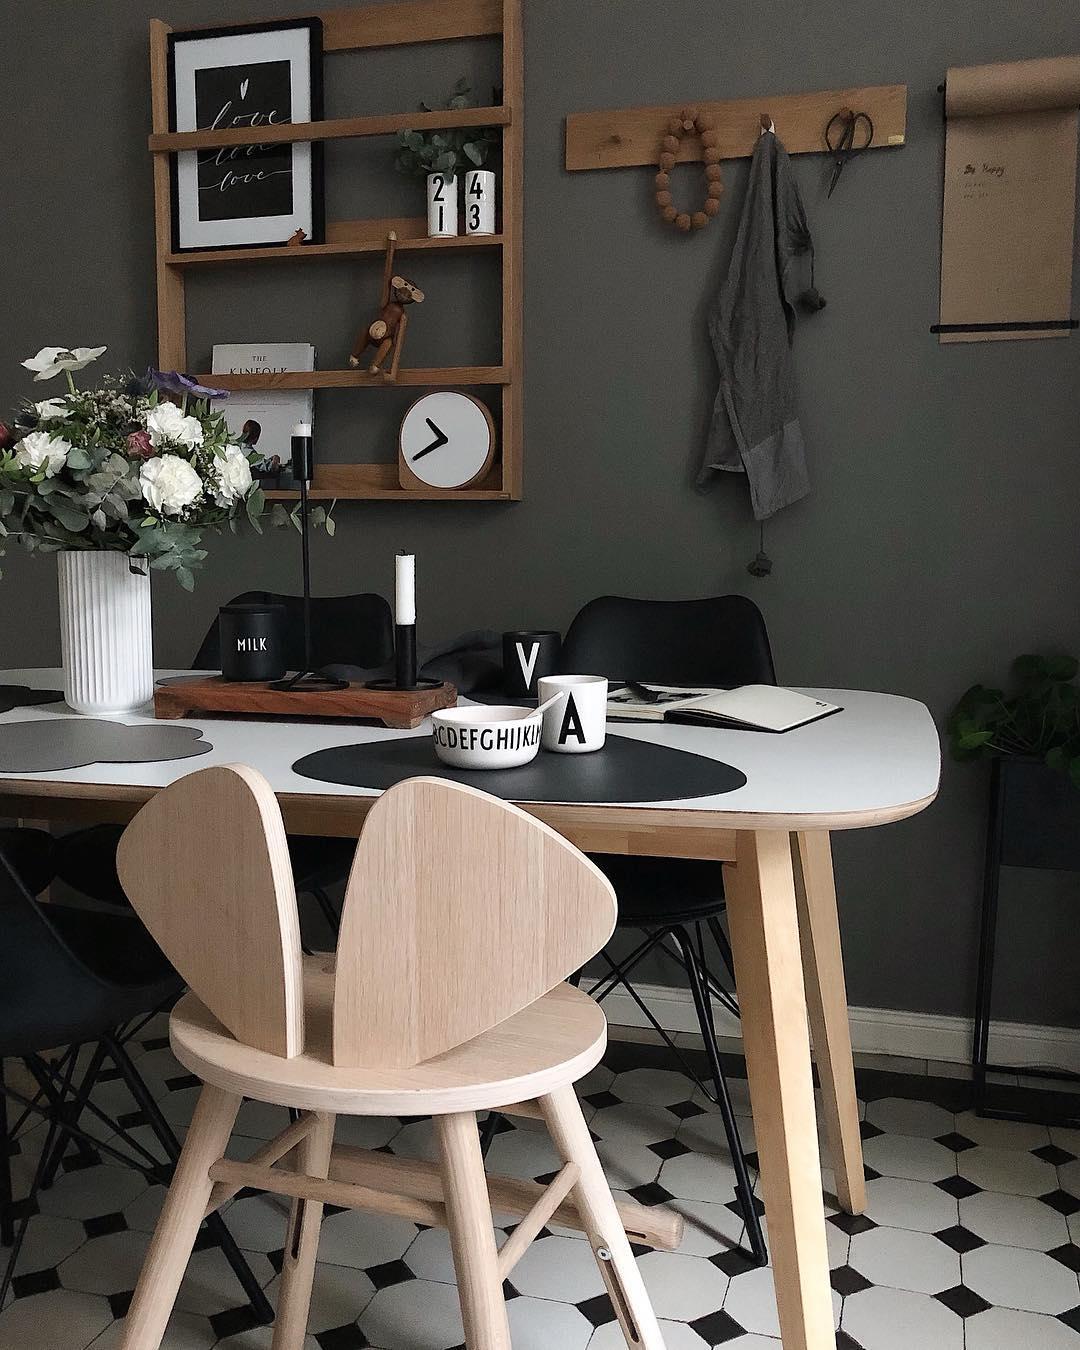 couleur pastel cuisine sombre carrelage noir et blanc table à manger bois étagère - blog déco - clem around the corner